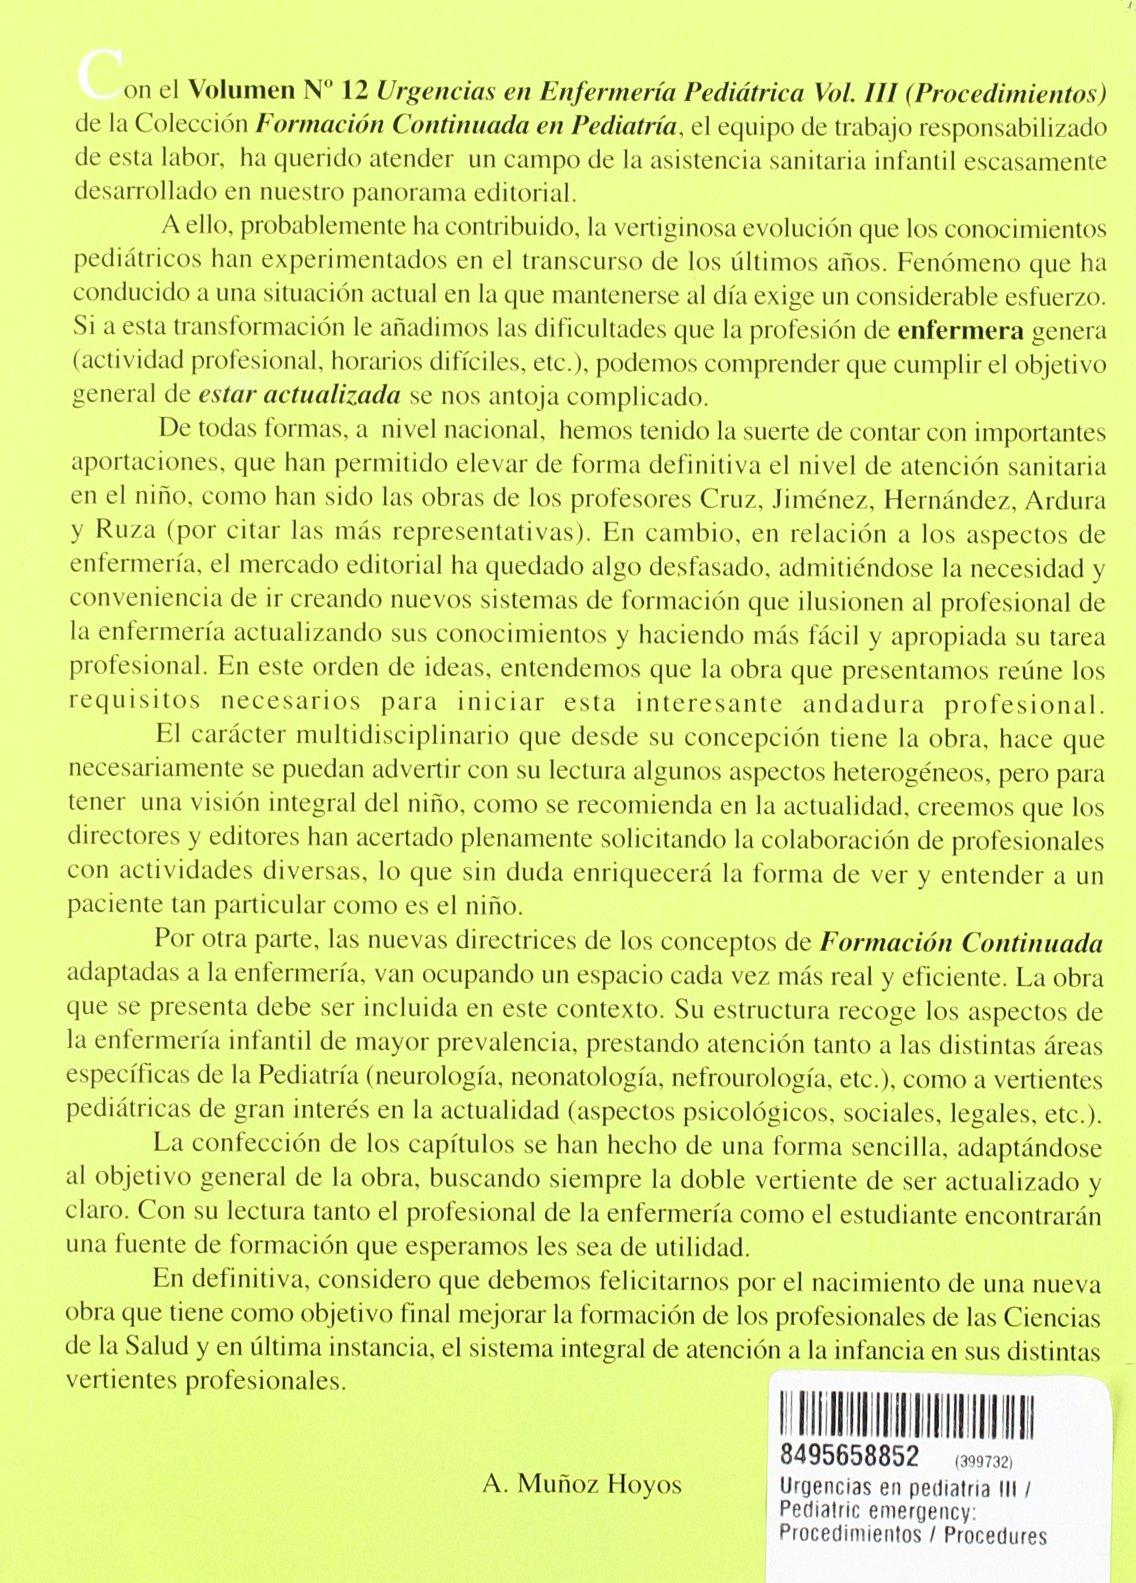 Urgencias en pediatria III / Pediatric emergency: Procedimientos /  Procedures (Spanish Edition): Antonio Munoz Hoyos, Fernandez Garcia J. m.